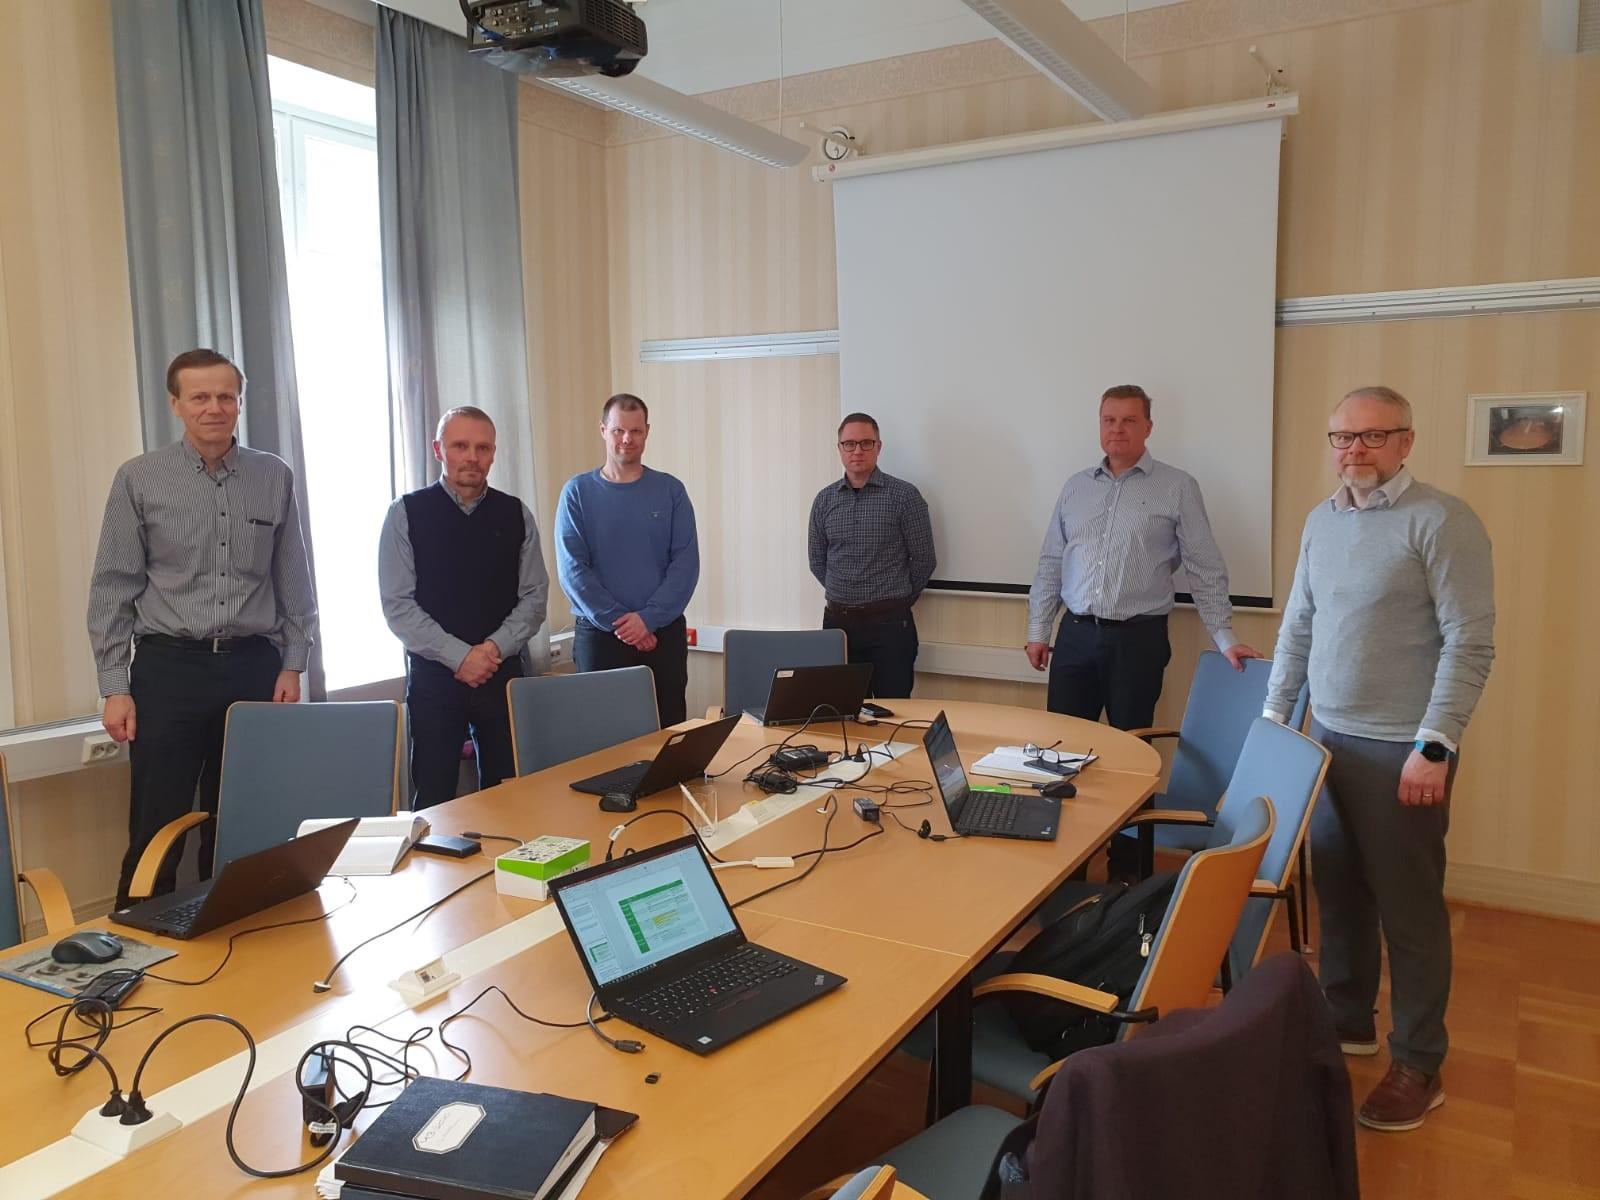 After finalizing the deal (from left): Ari Kiviranta, Mika Sainio, Jarno Lehtonen, Marko Heikkilä (all from Metsä Board), Marko Korpinen and Sami Anttilainen (both from Valmet).